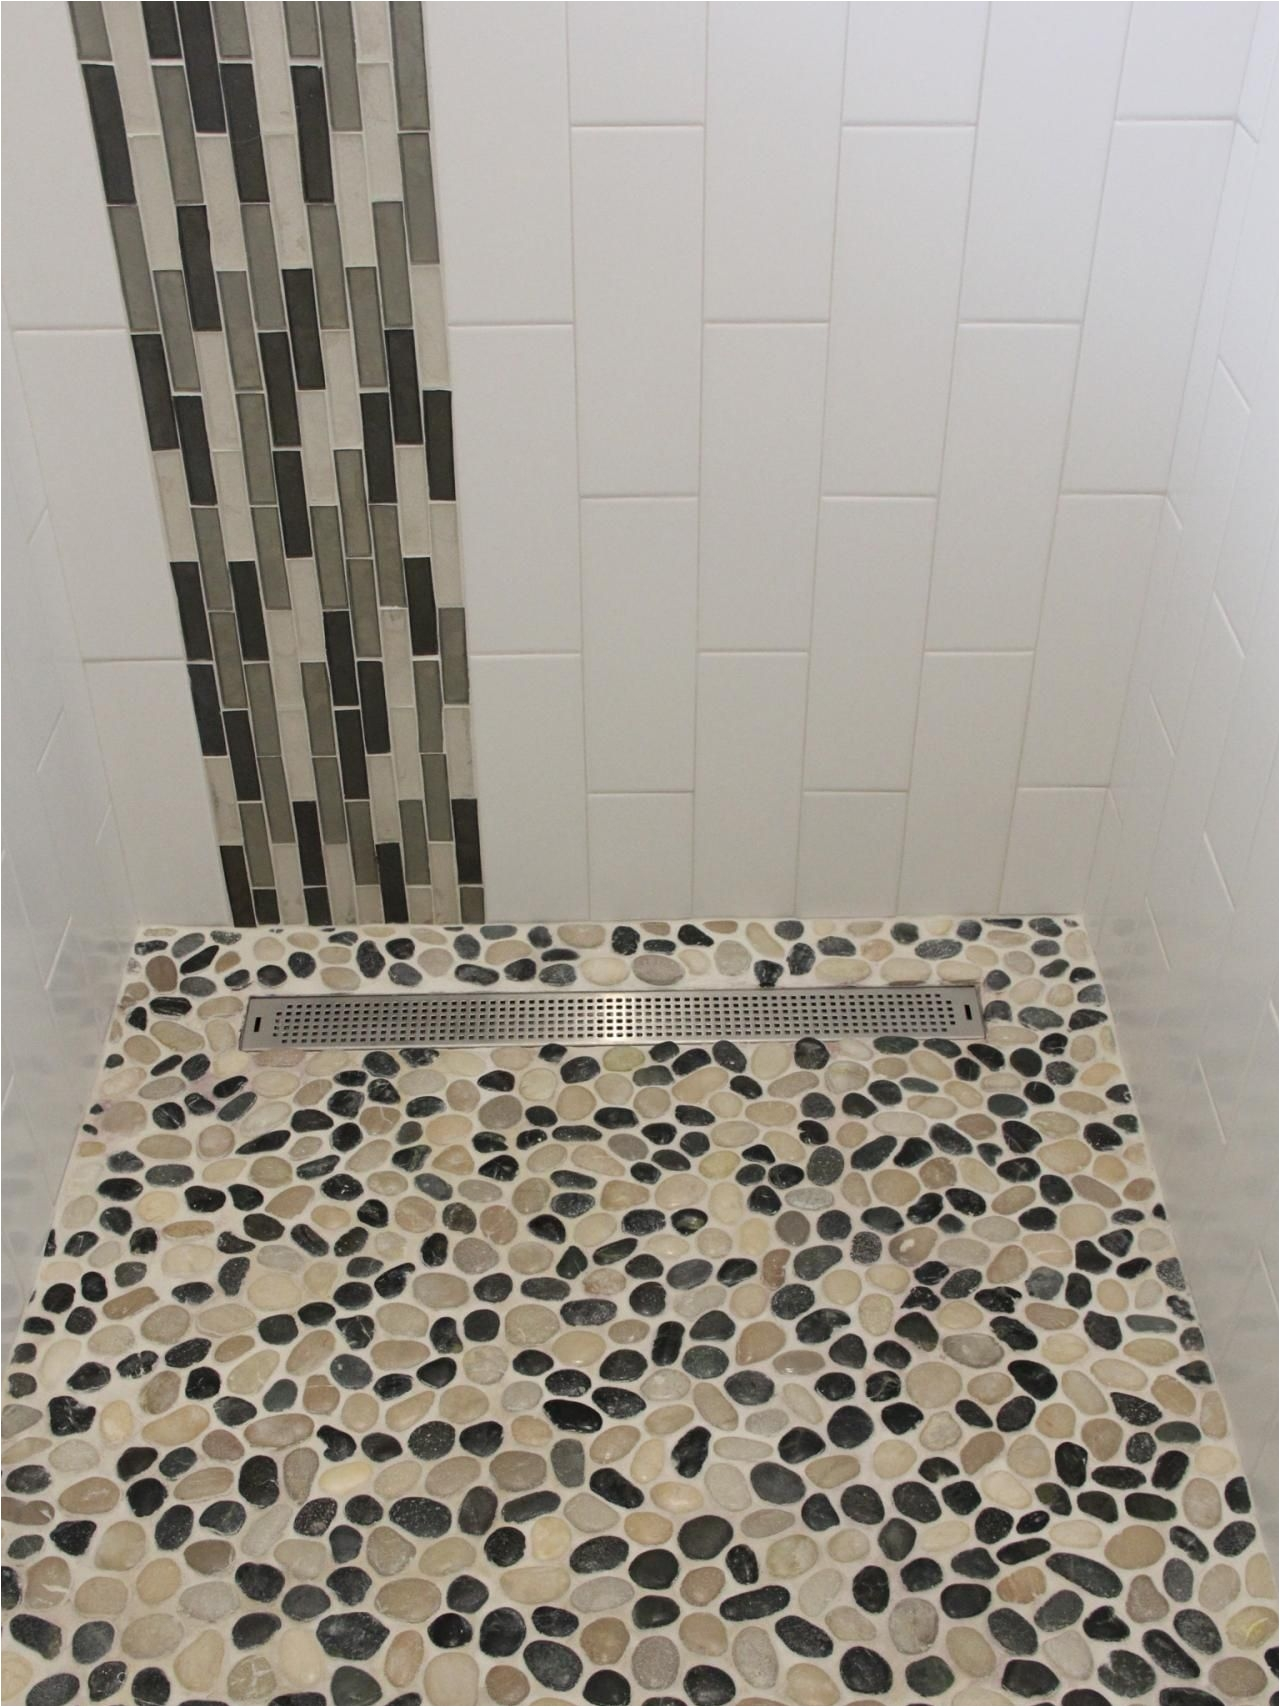 Best Grout for River Rock Shower Floor Black and White Pebble Tile Pinterest White Pebbles Pebble